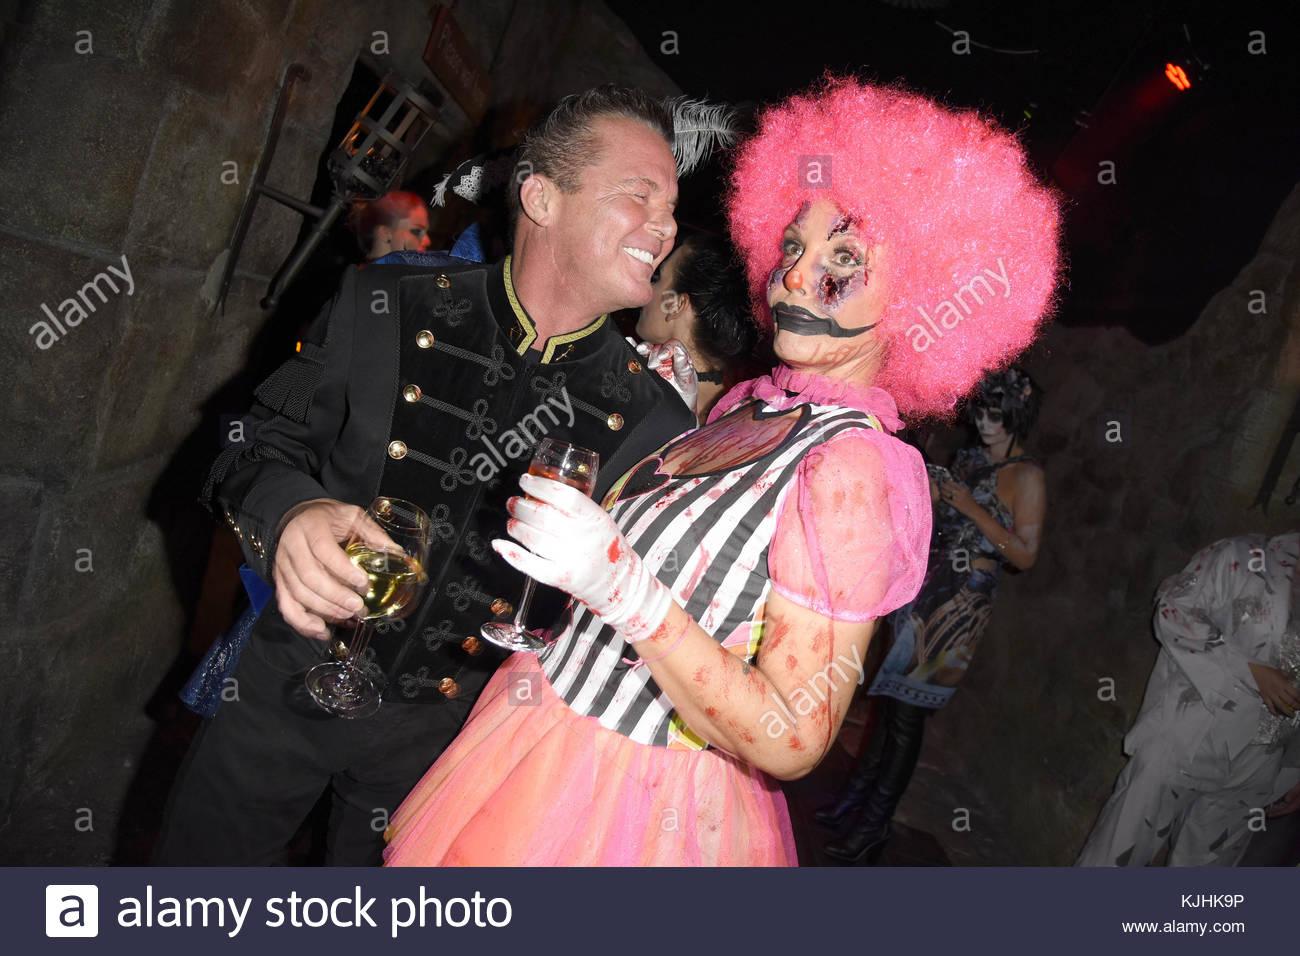 Halloween Party hosted by Natascha Ochsenknecht at Berlin Dungeon.  Featuring: Marcus von Anhalt, Natascha Ochsenknecht - Stock Image